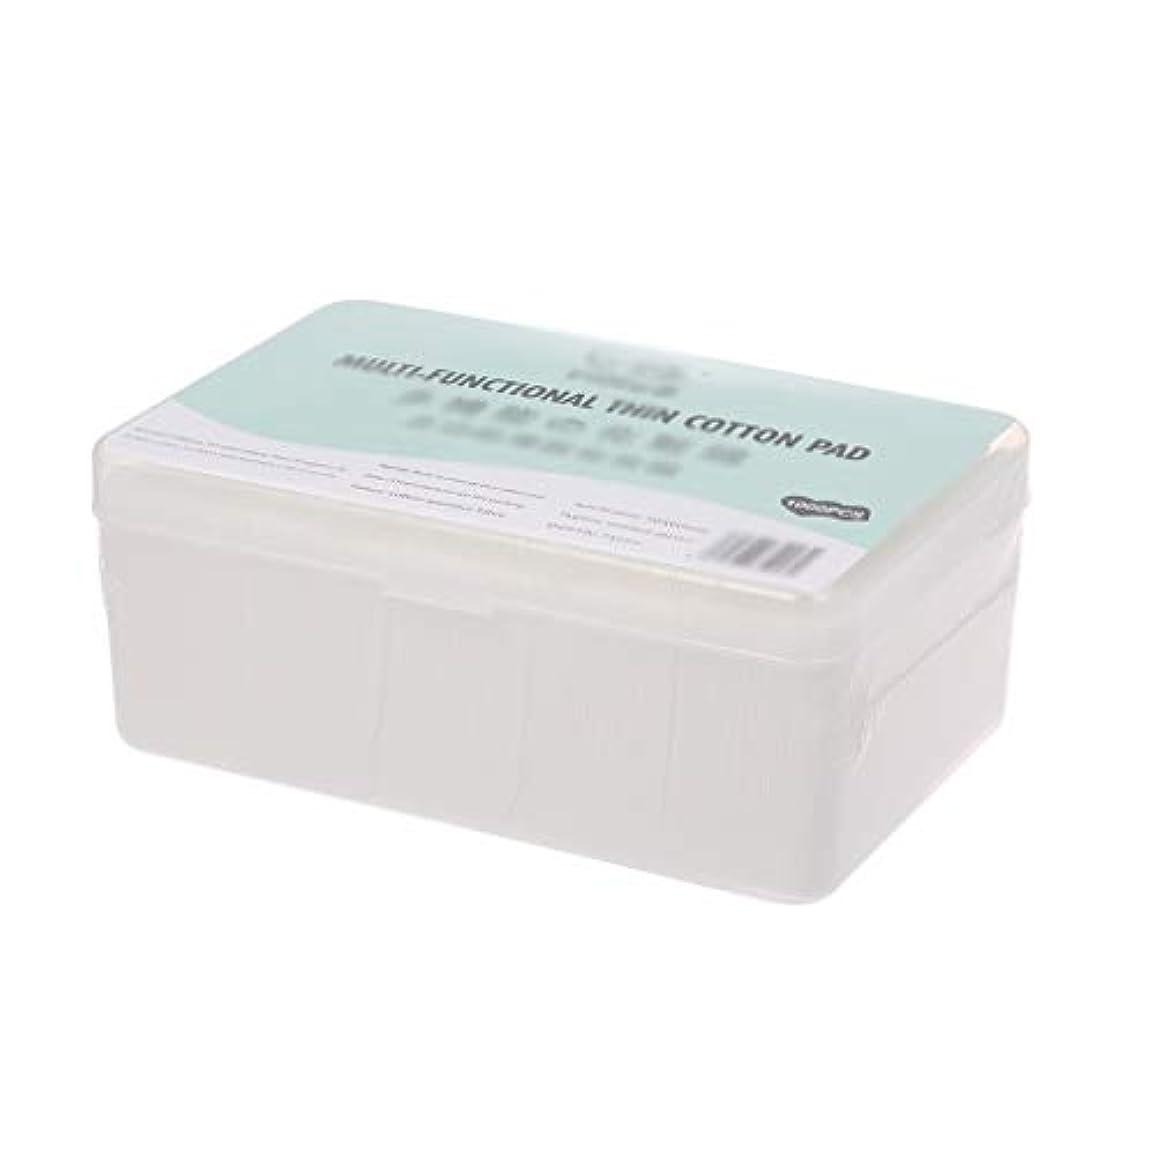 満員一口経済的クレンジングシート 1000ピース箱入り使い捨て超薄型コットンメイク落としネイルポリッシュリムーバークレンジングティッシュペーパーペーパー (Color : White, サイズ : 5*6cm)